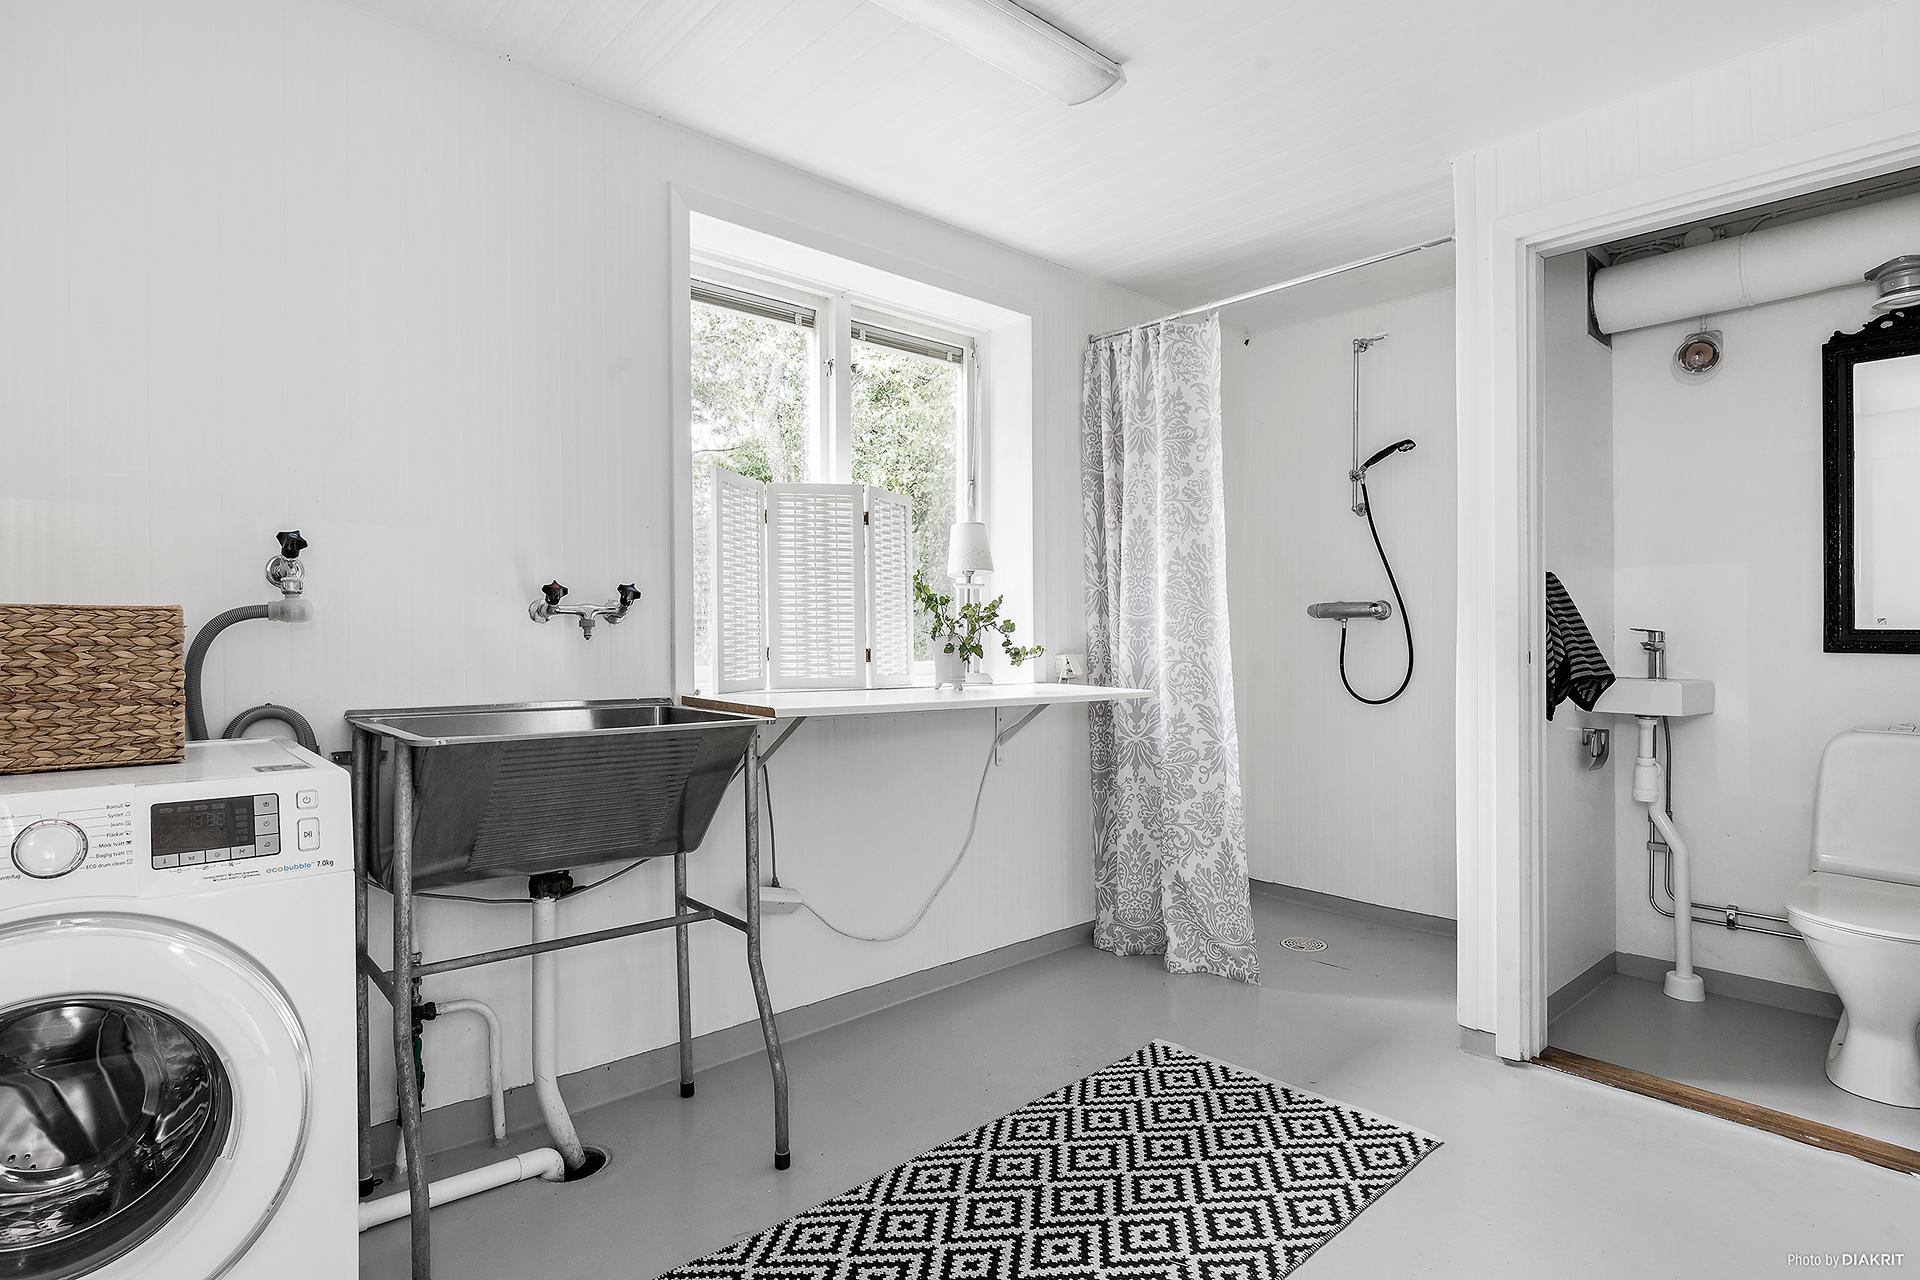 Kombinerat badrum och tvättstuga. Ingång till pannrummet.